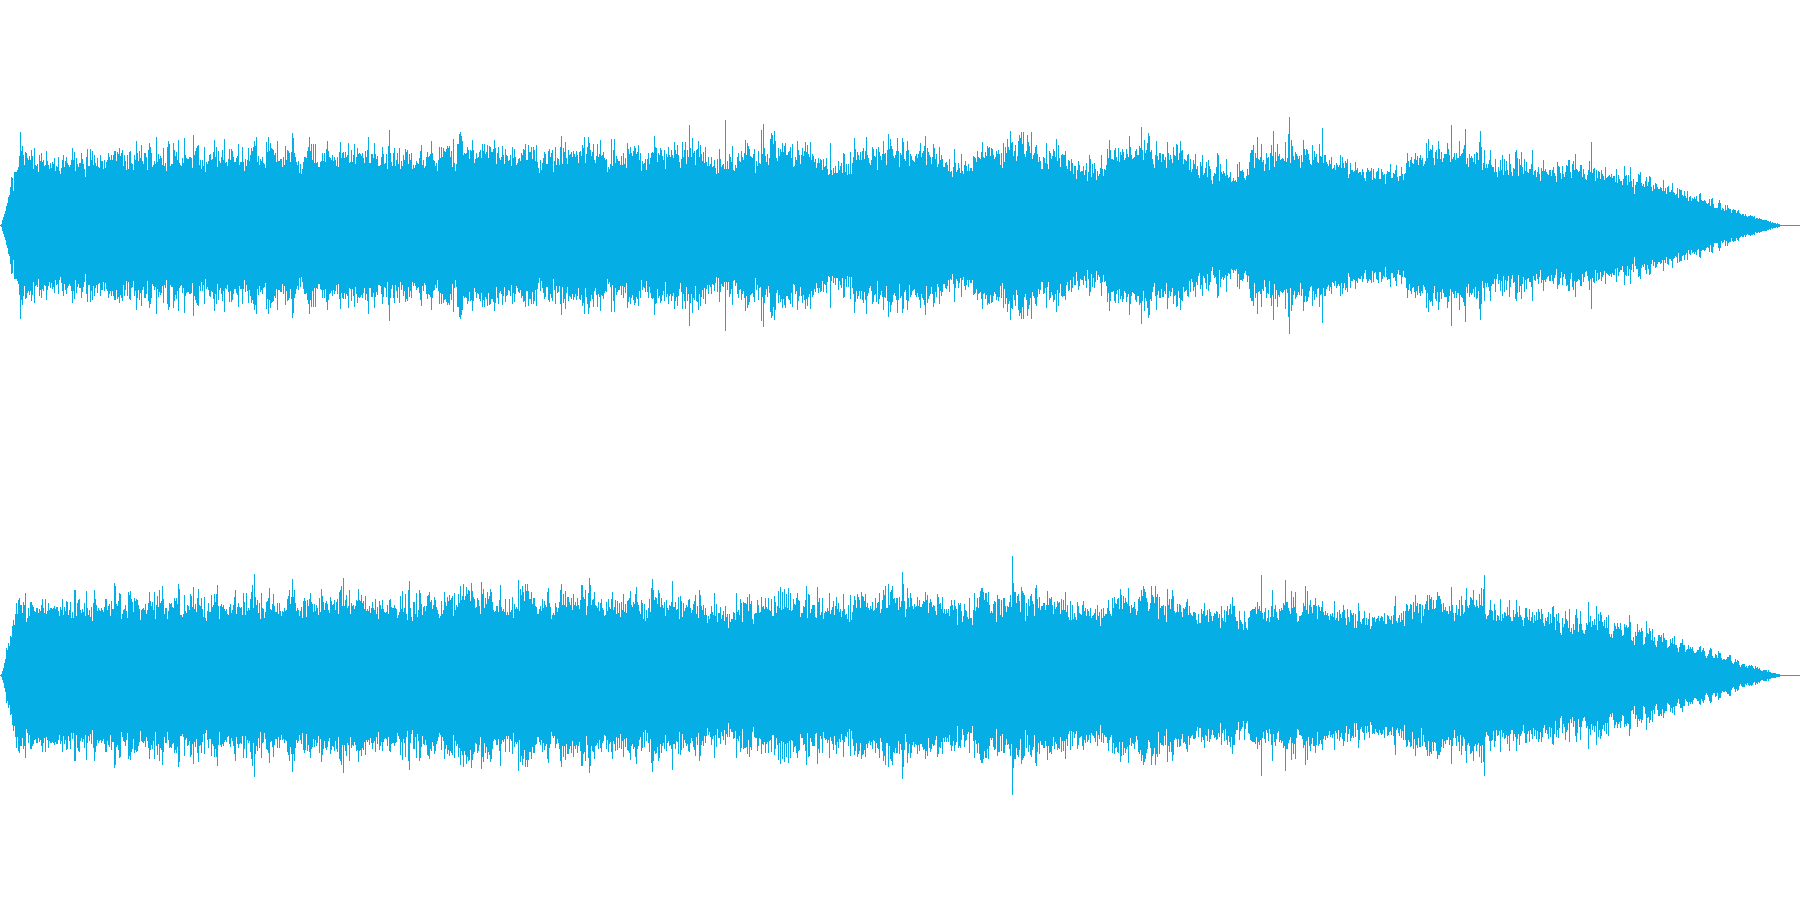 【自然音】ミンミンゼミの鳴き声の再生済みの波形